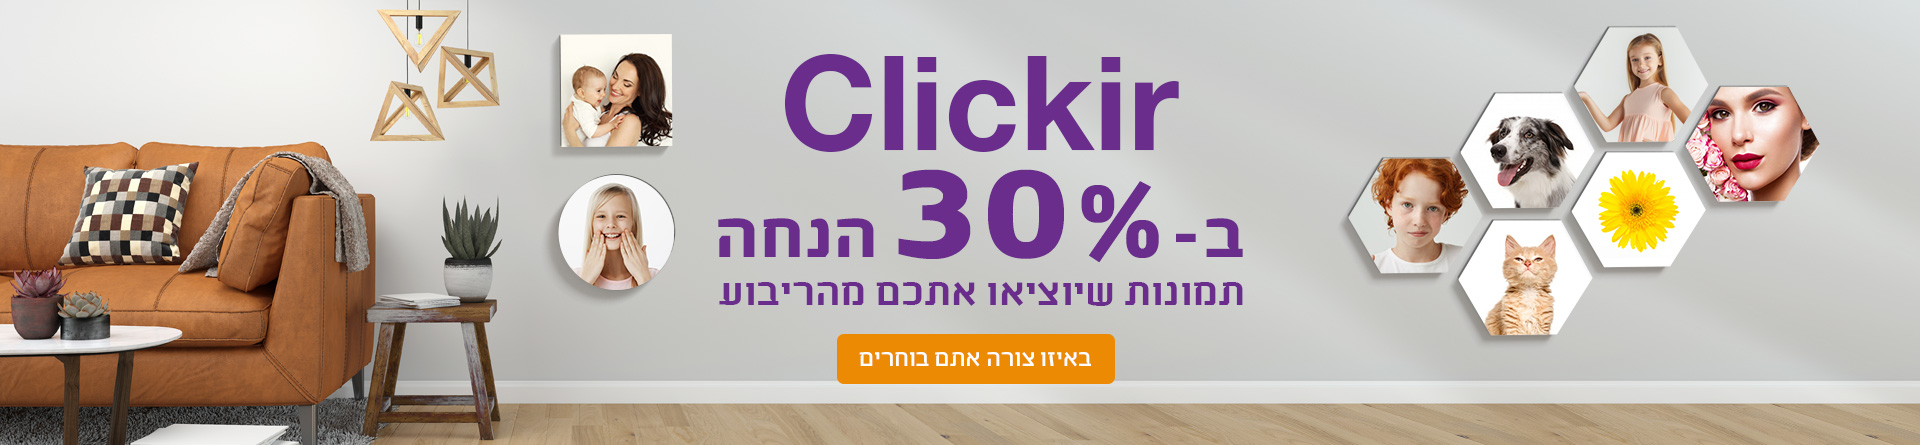 clickir 30%  -3.5